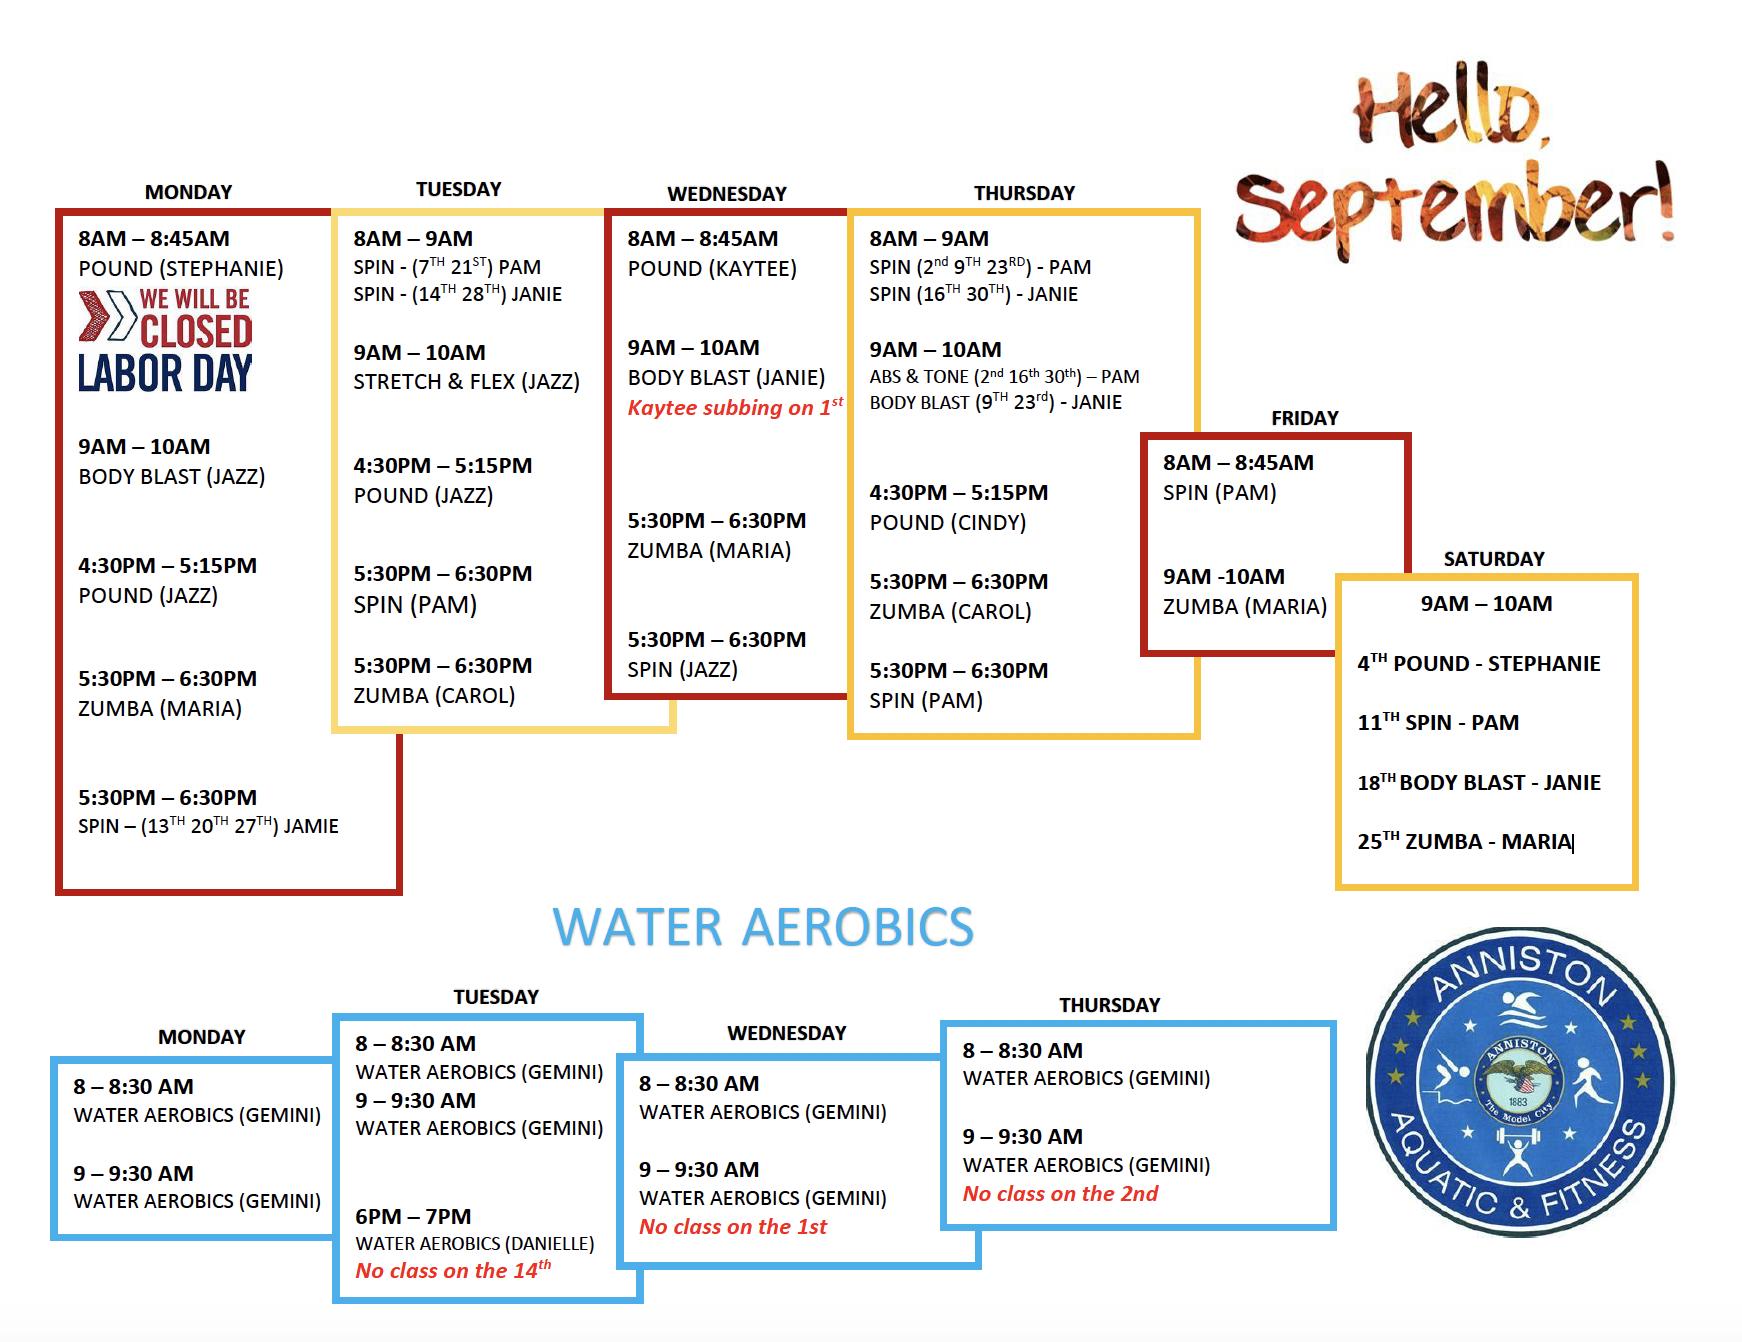 aquatic center_Sept 2021 events